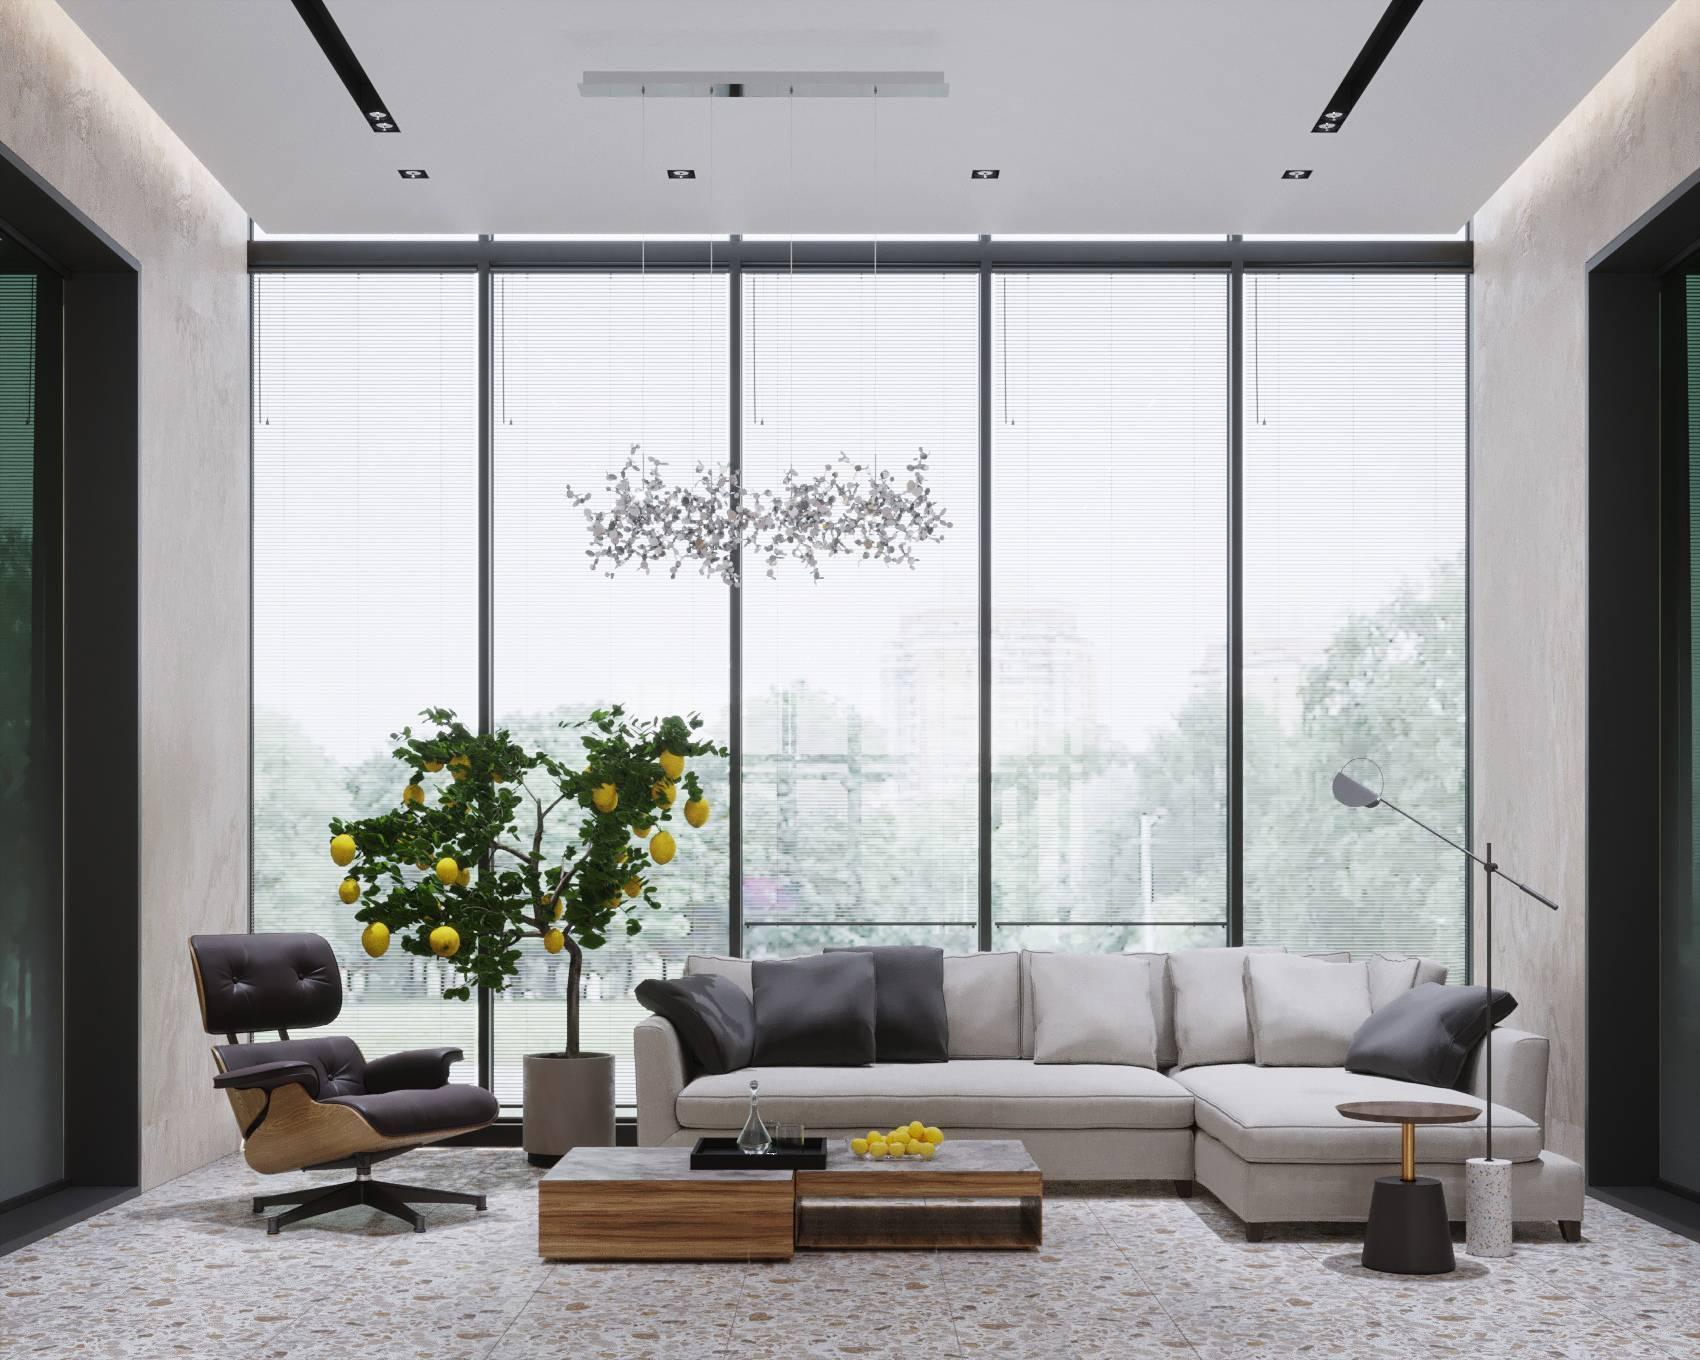 Дом в гармонии Shome признан лучшим в номинации «Семейный объект № 1» по версии авторитетной премии «Рекорды рынка недвижимости»